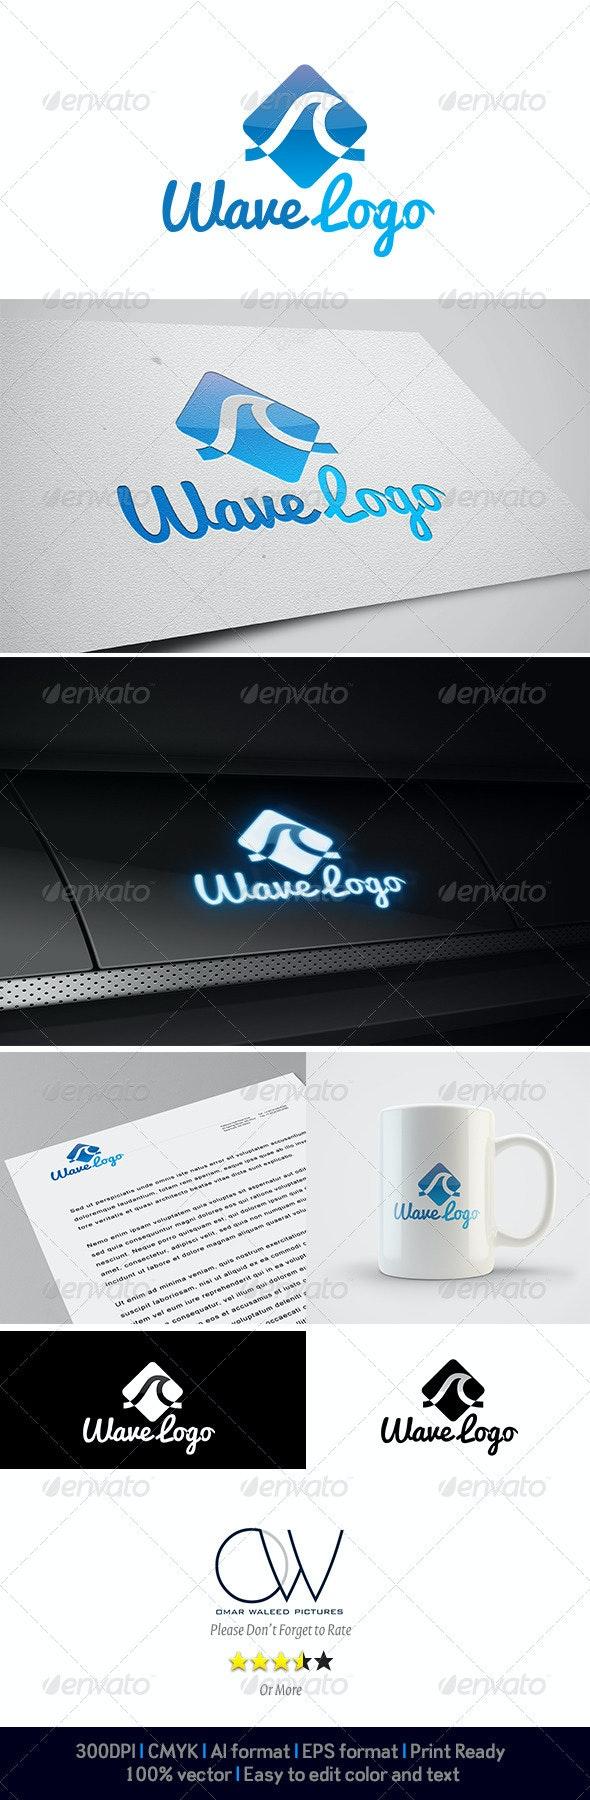 Wave Logo - Abstract Logo Templates